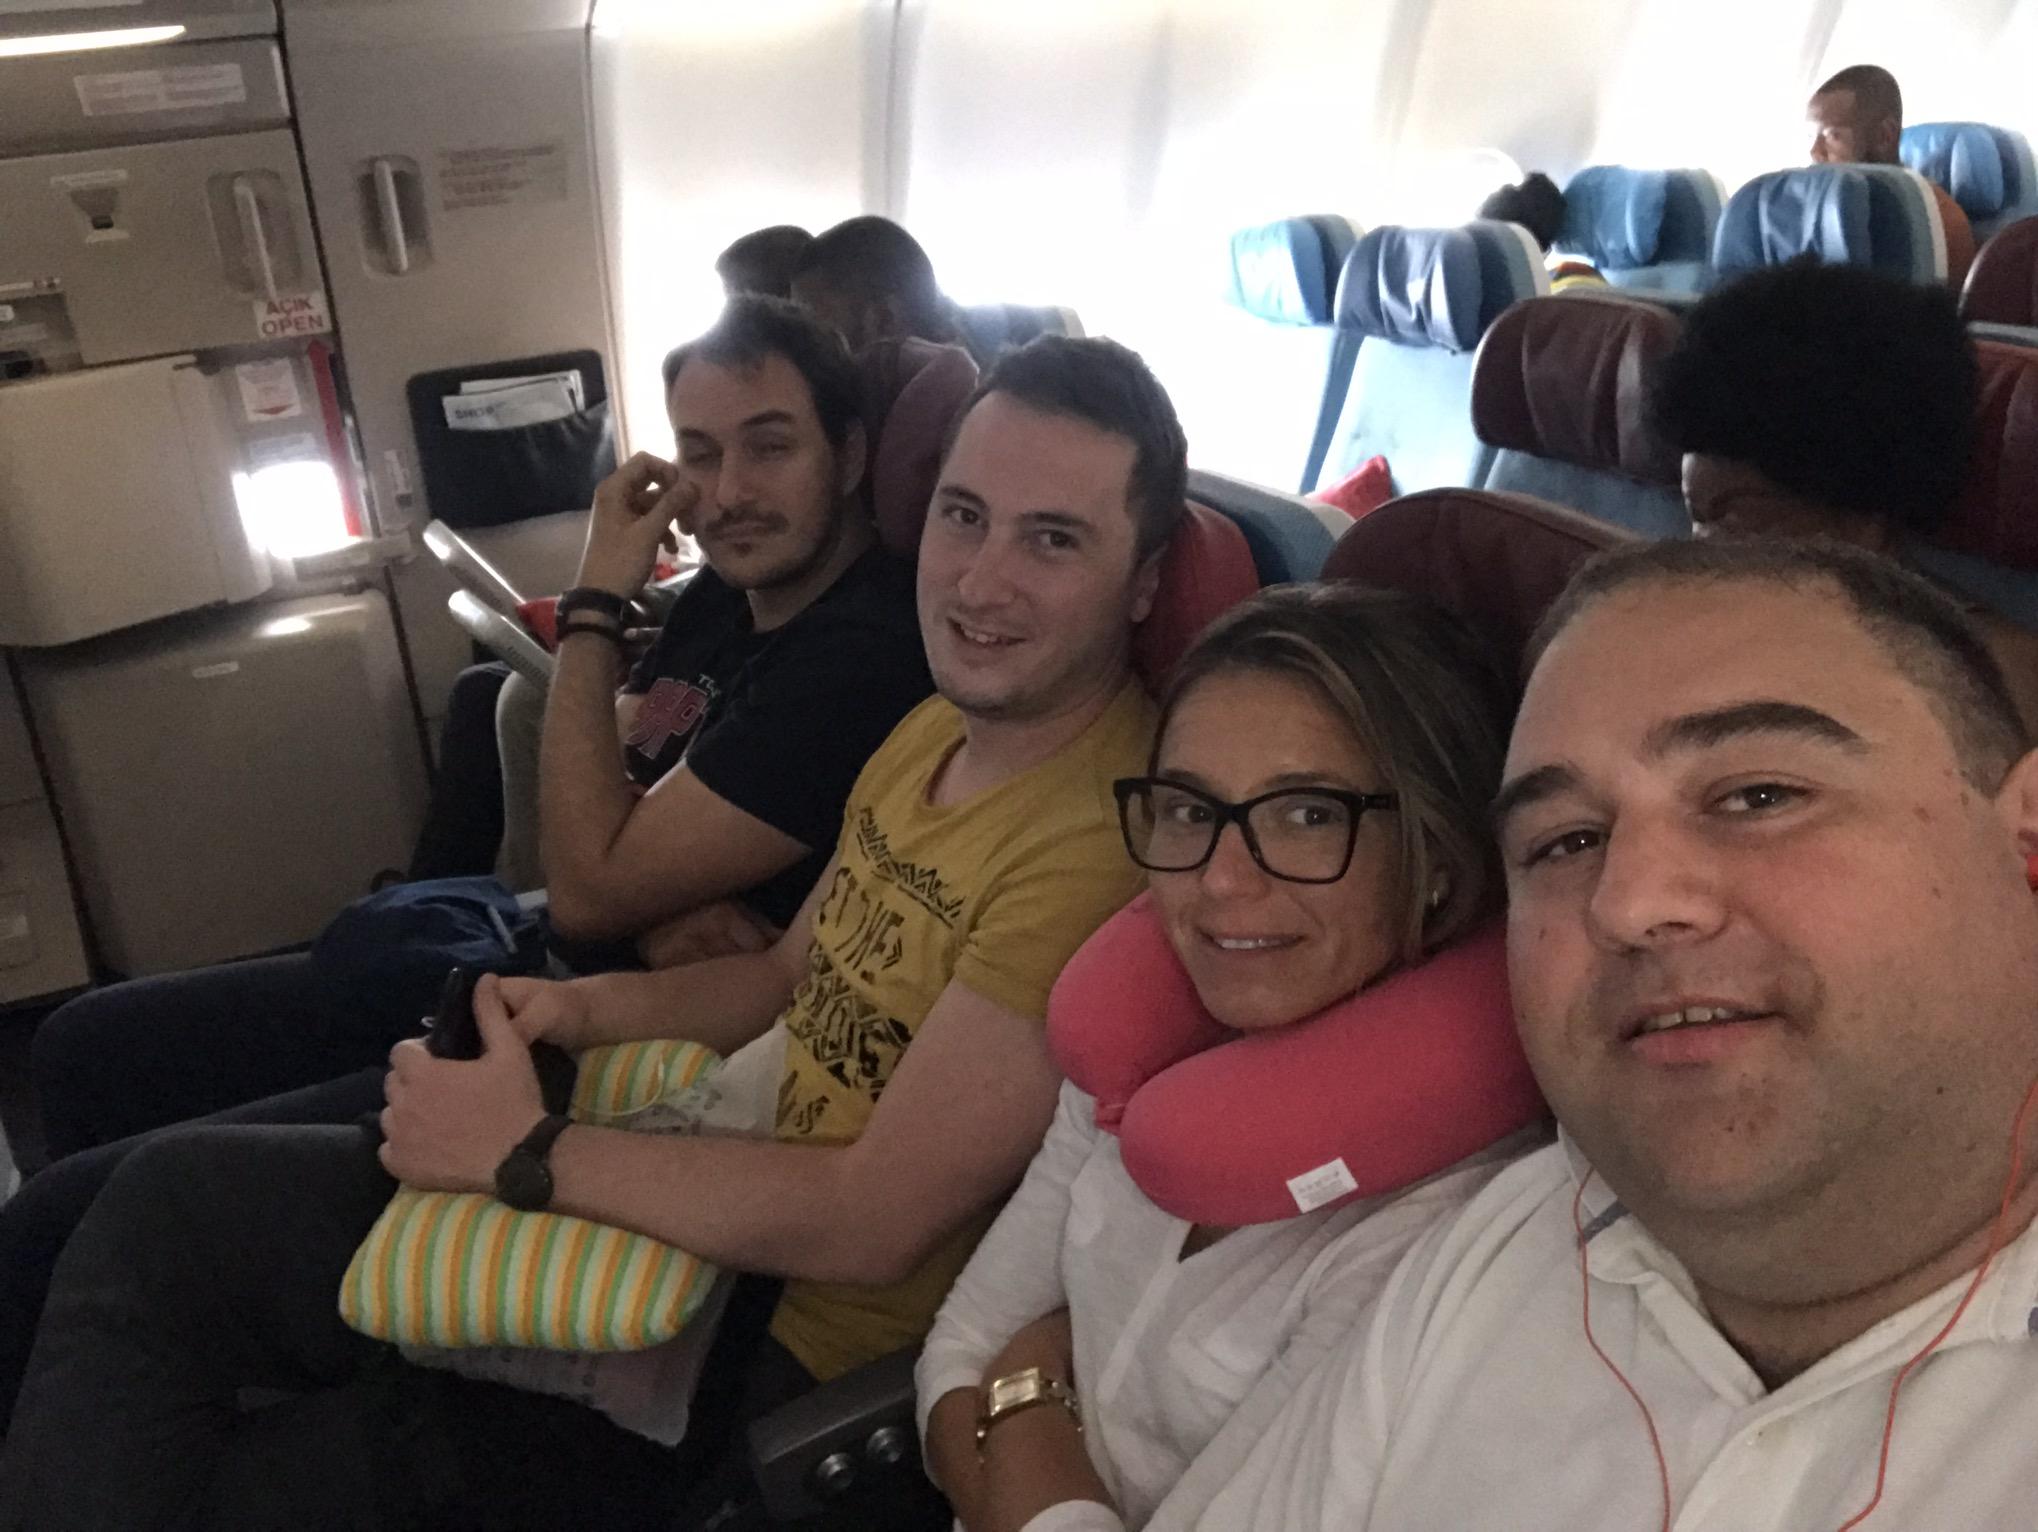 Grupna slika iz aviona